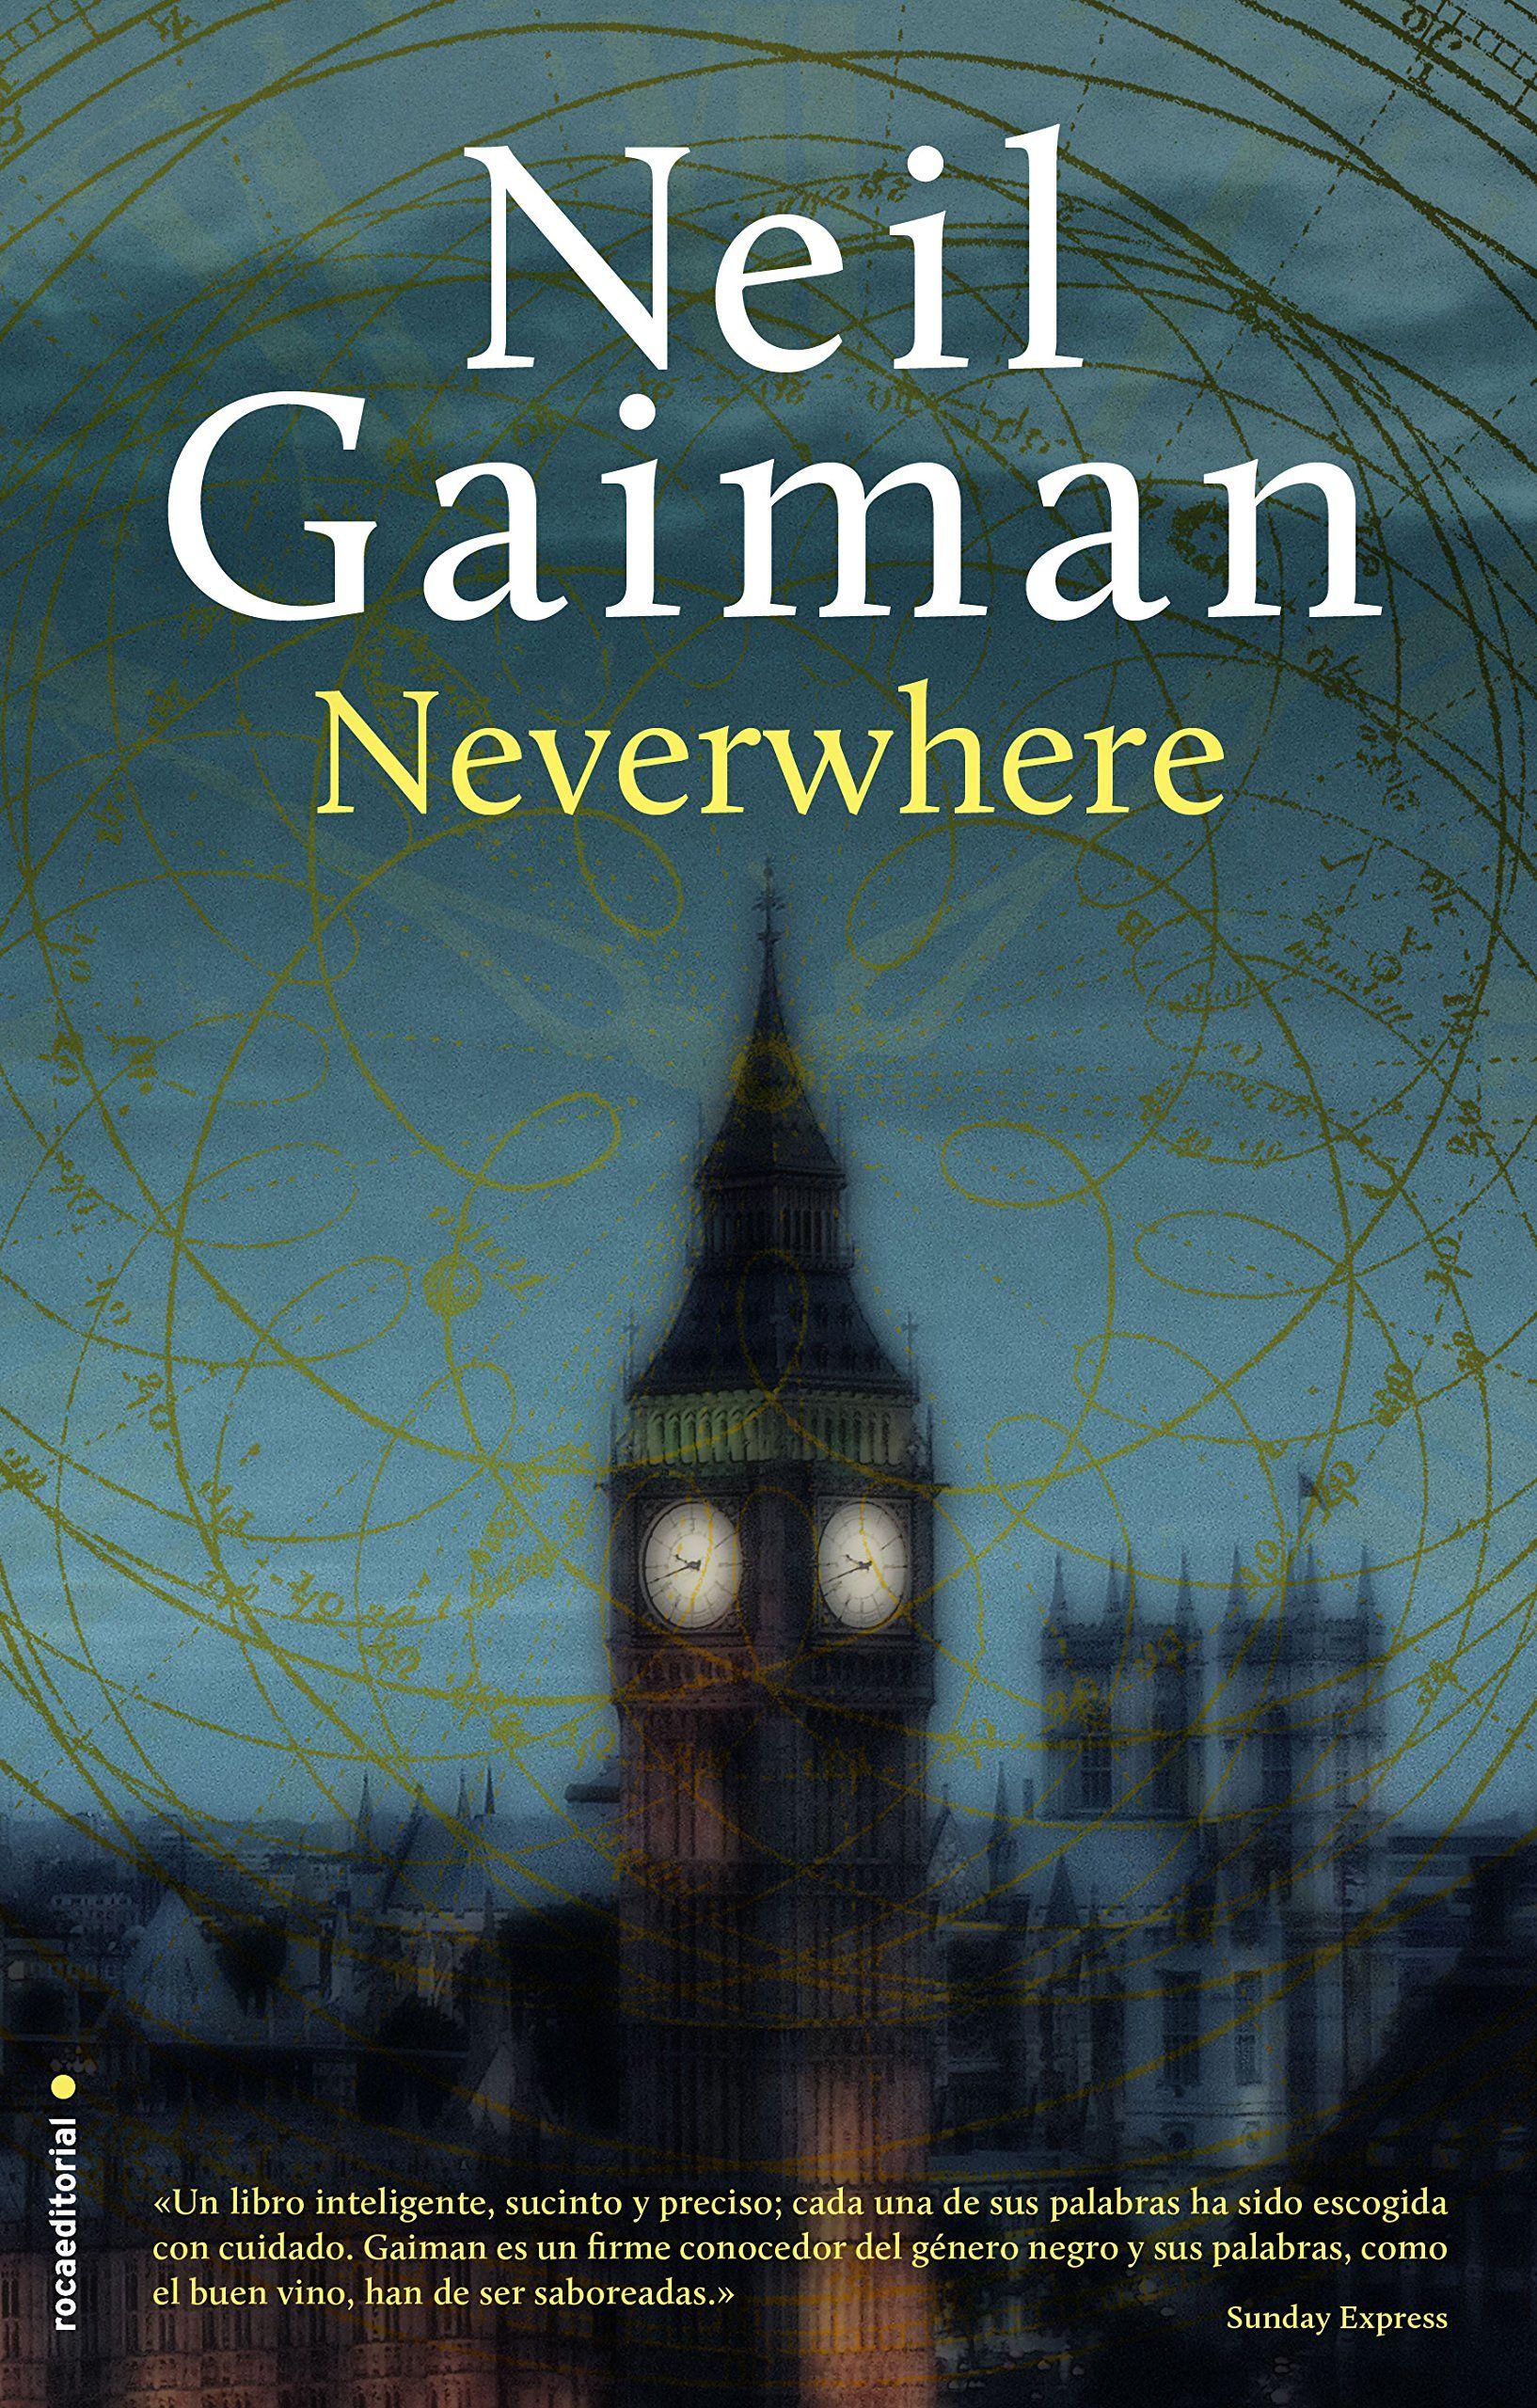 Neverwhere Neil Gaiman Https Www Goodreads Com Book Show 25864273 Neverwhere Neil Gaiman Neil Gaiman Books Gaiman